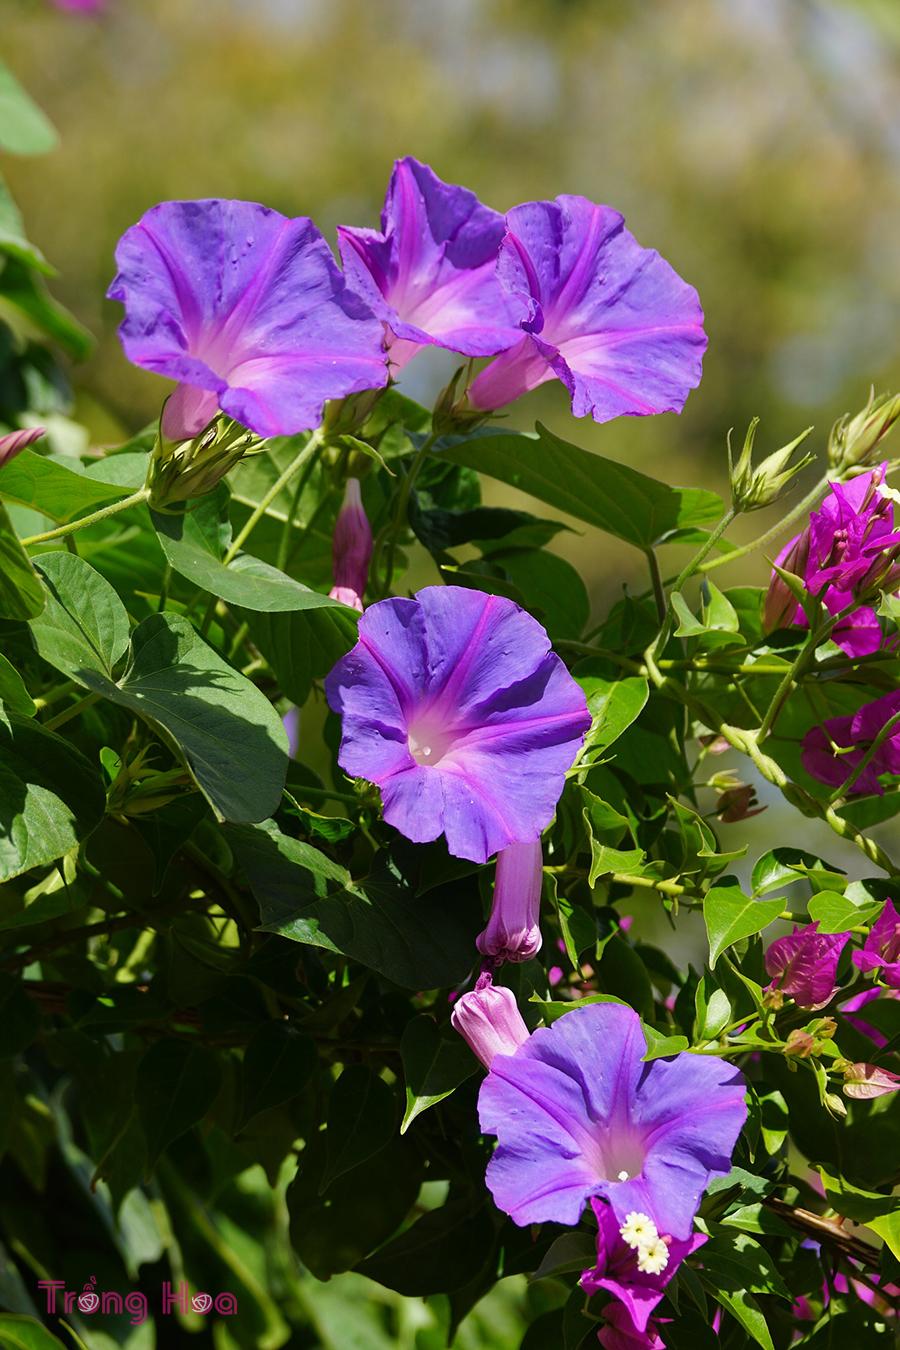 Đặc điểm hình thái cây hoa bìm bìm